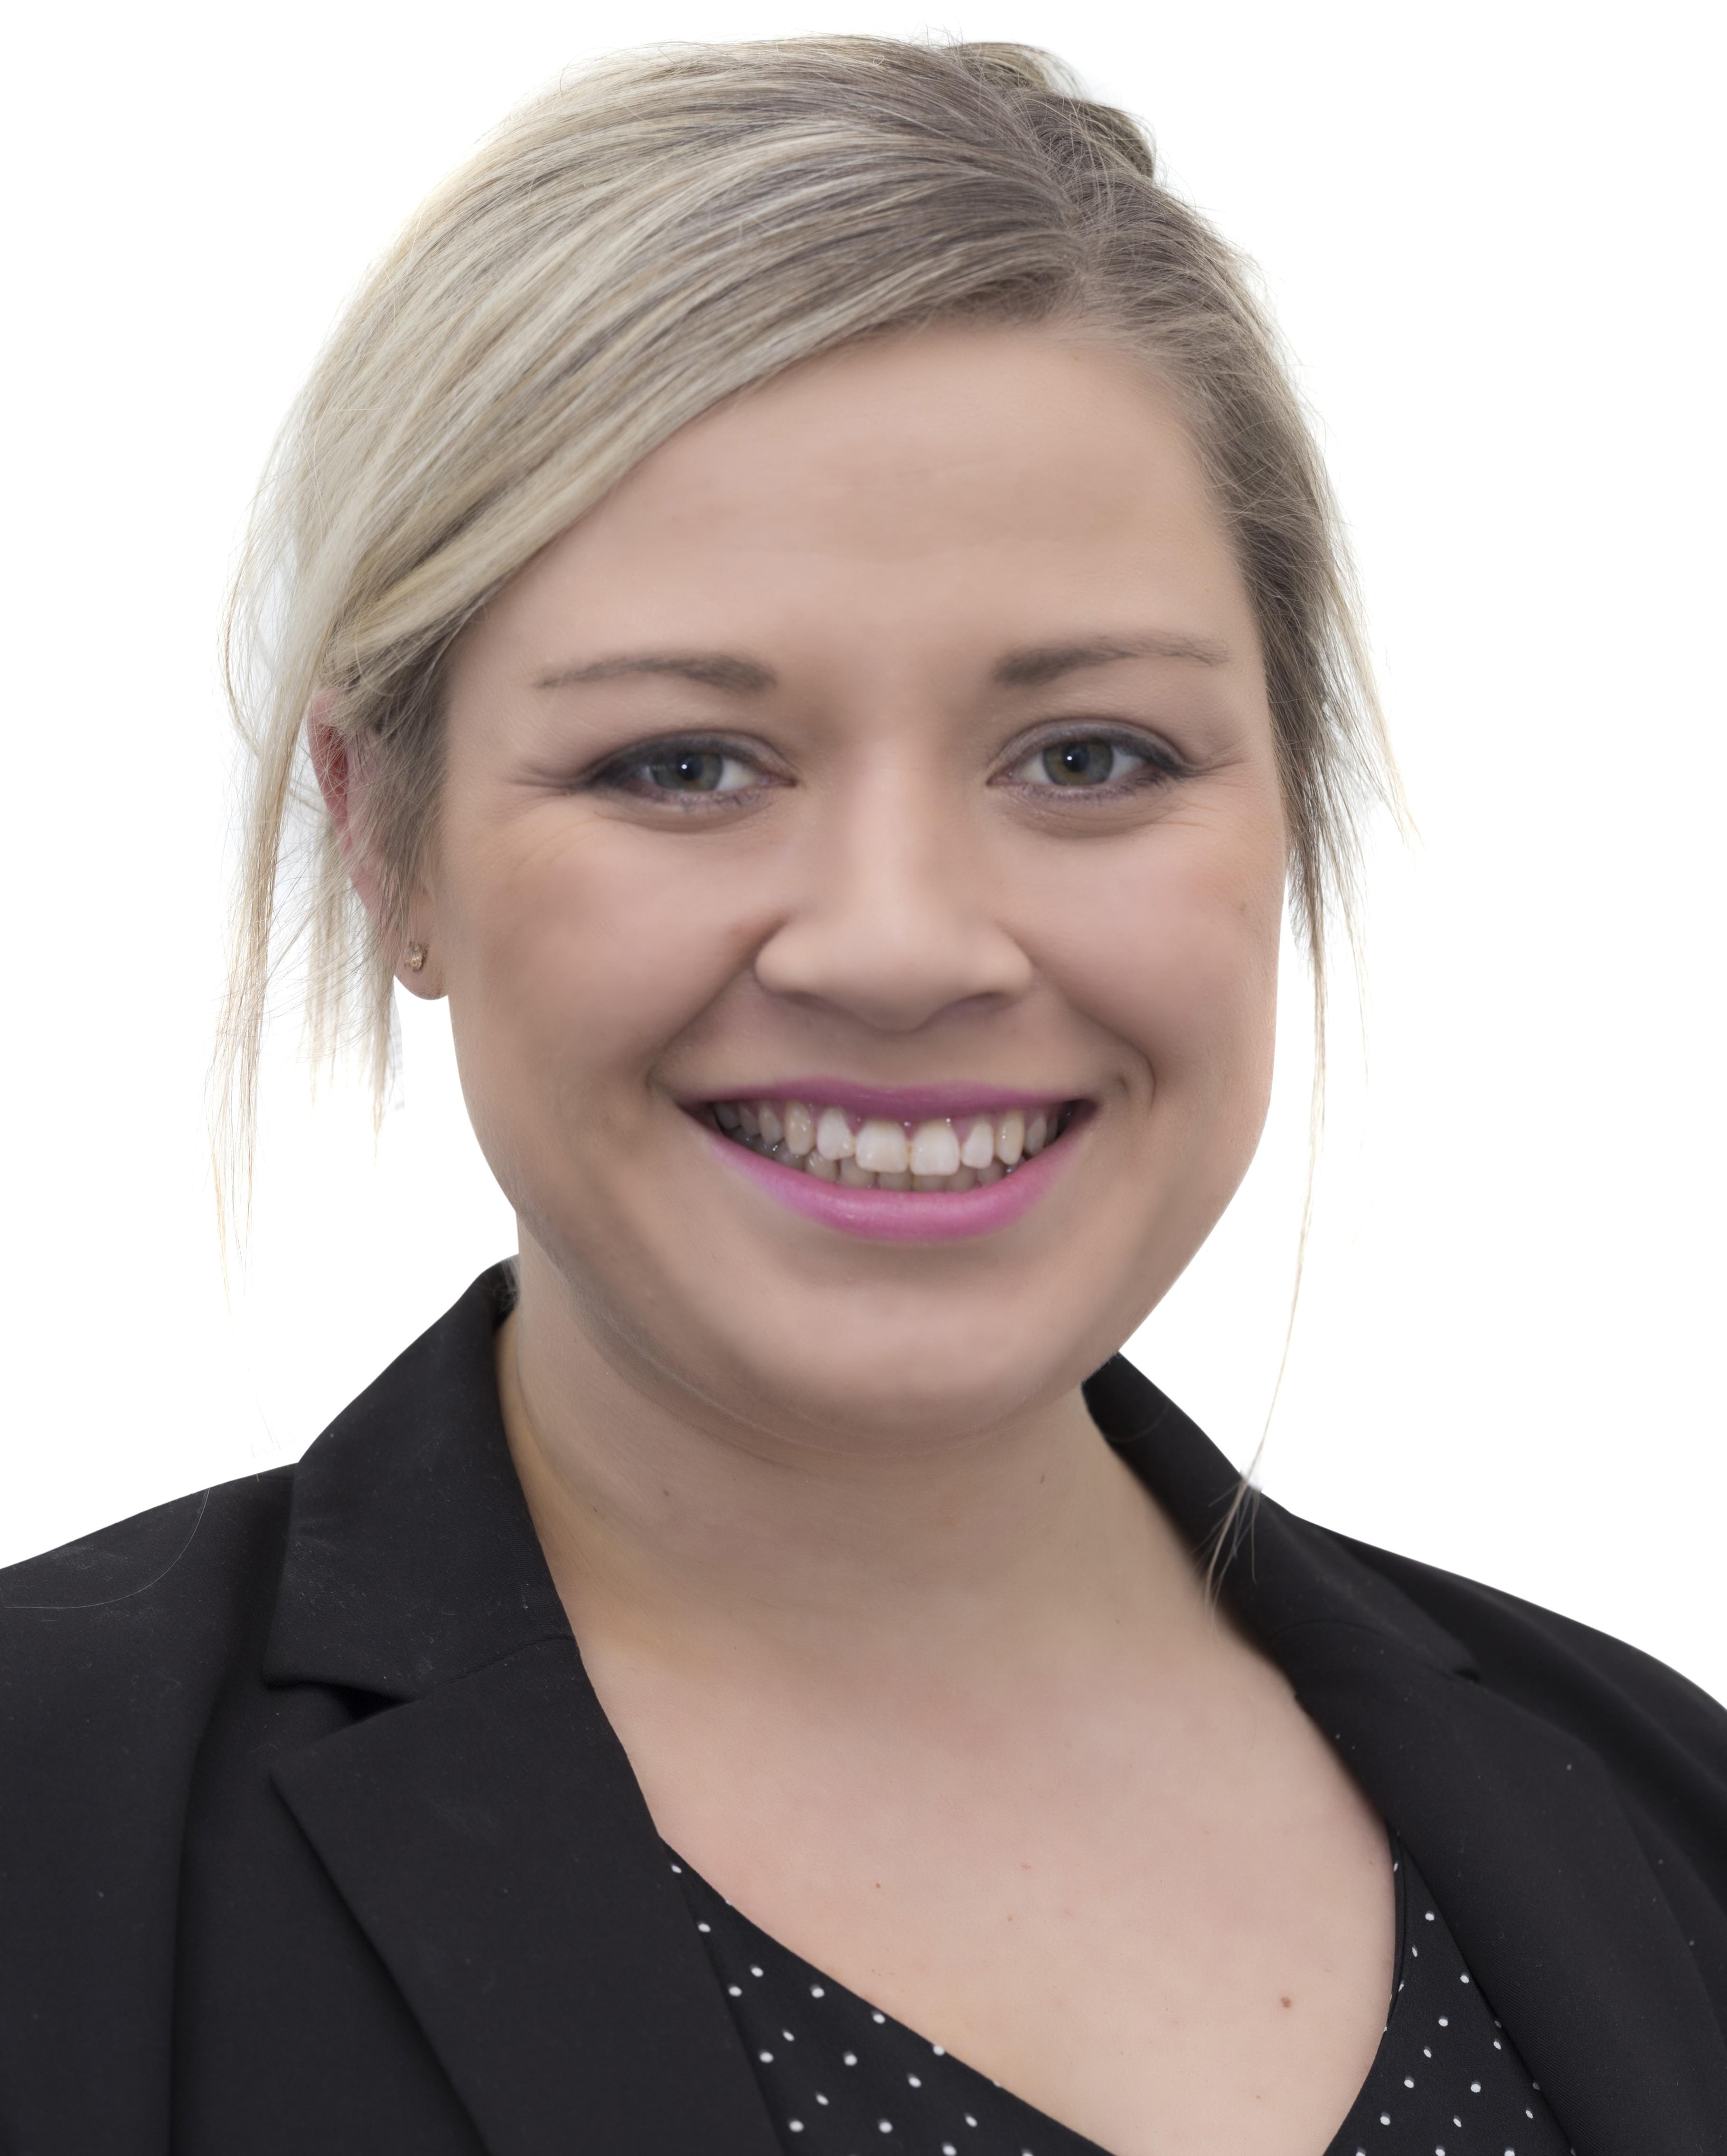 Kat Buzinskas